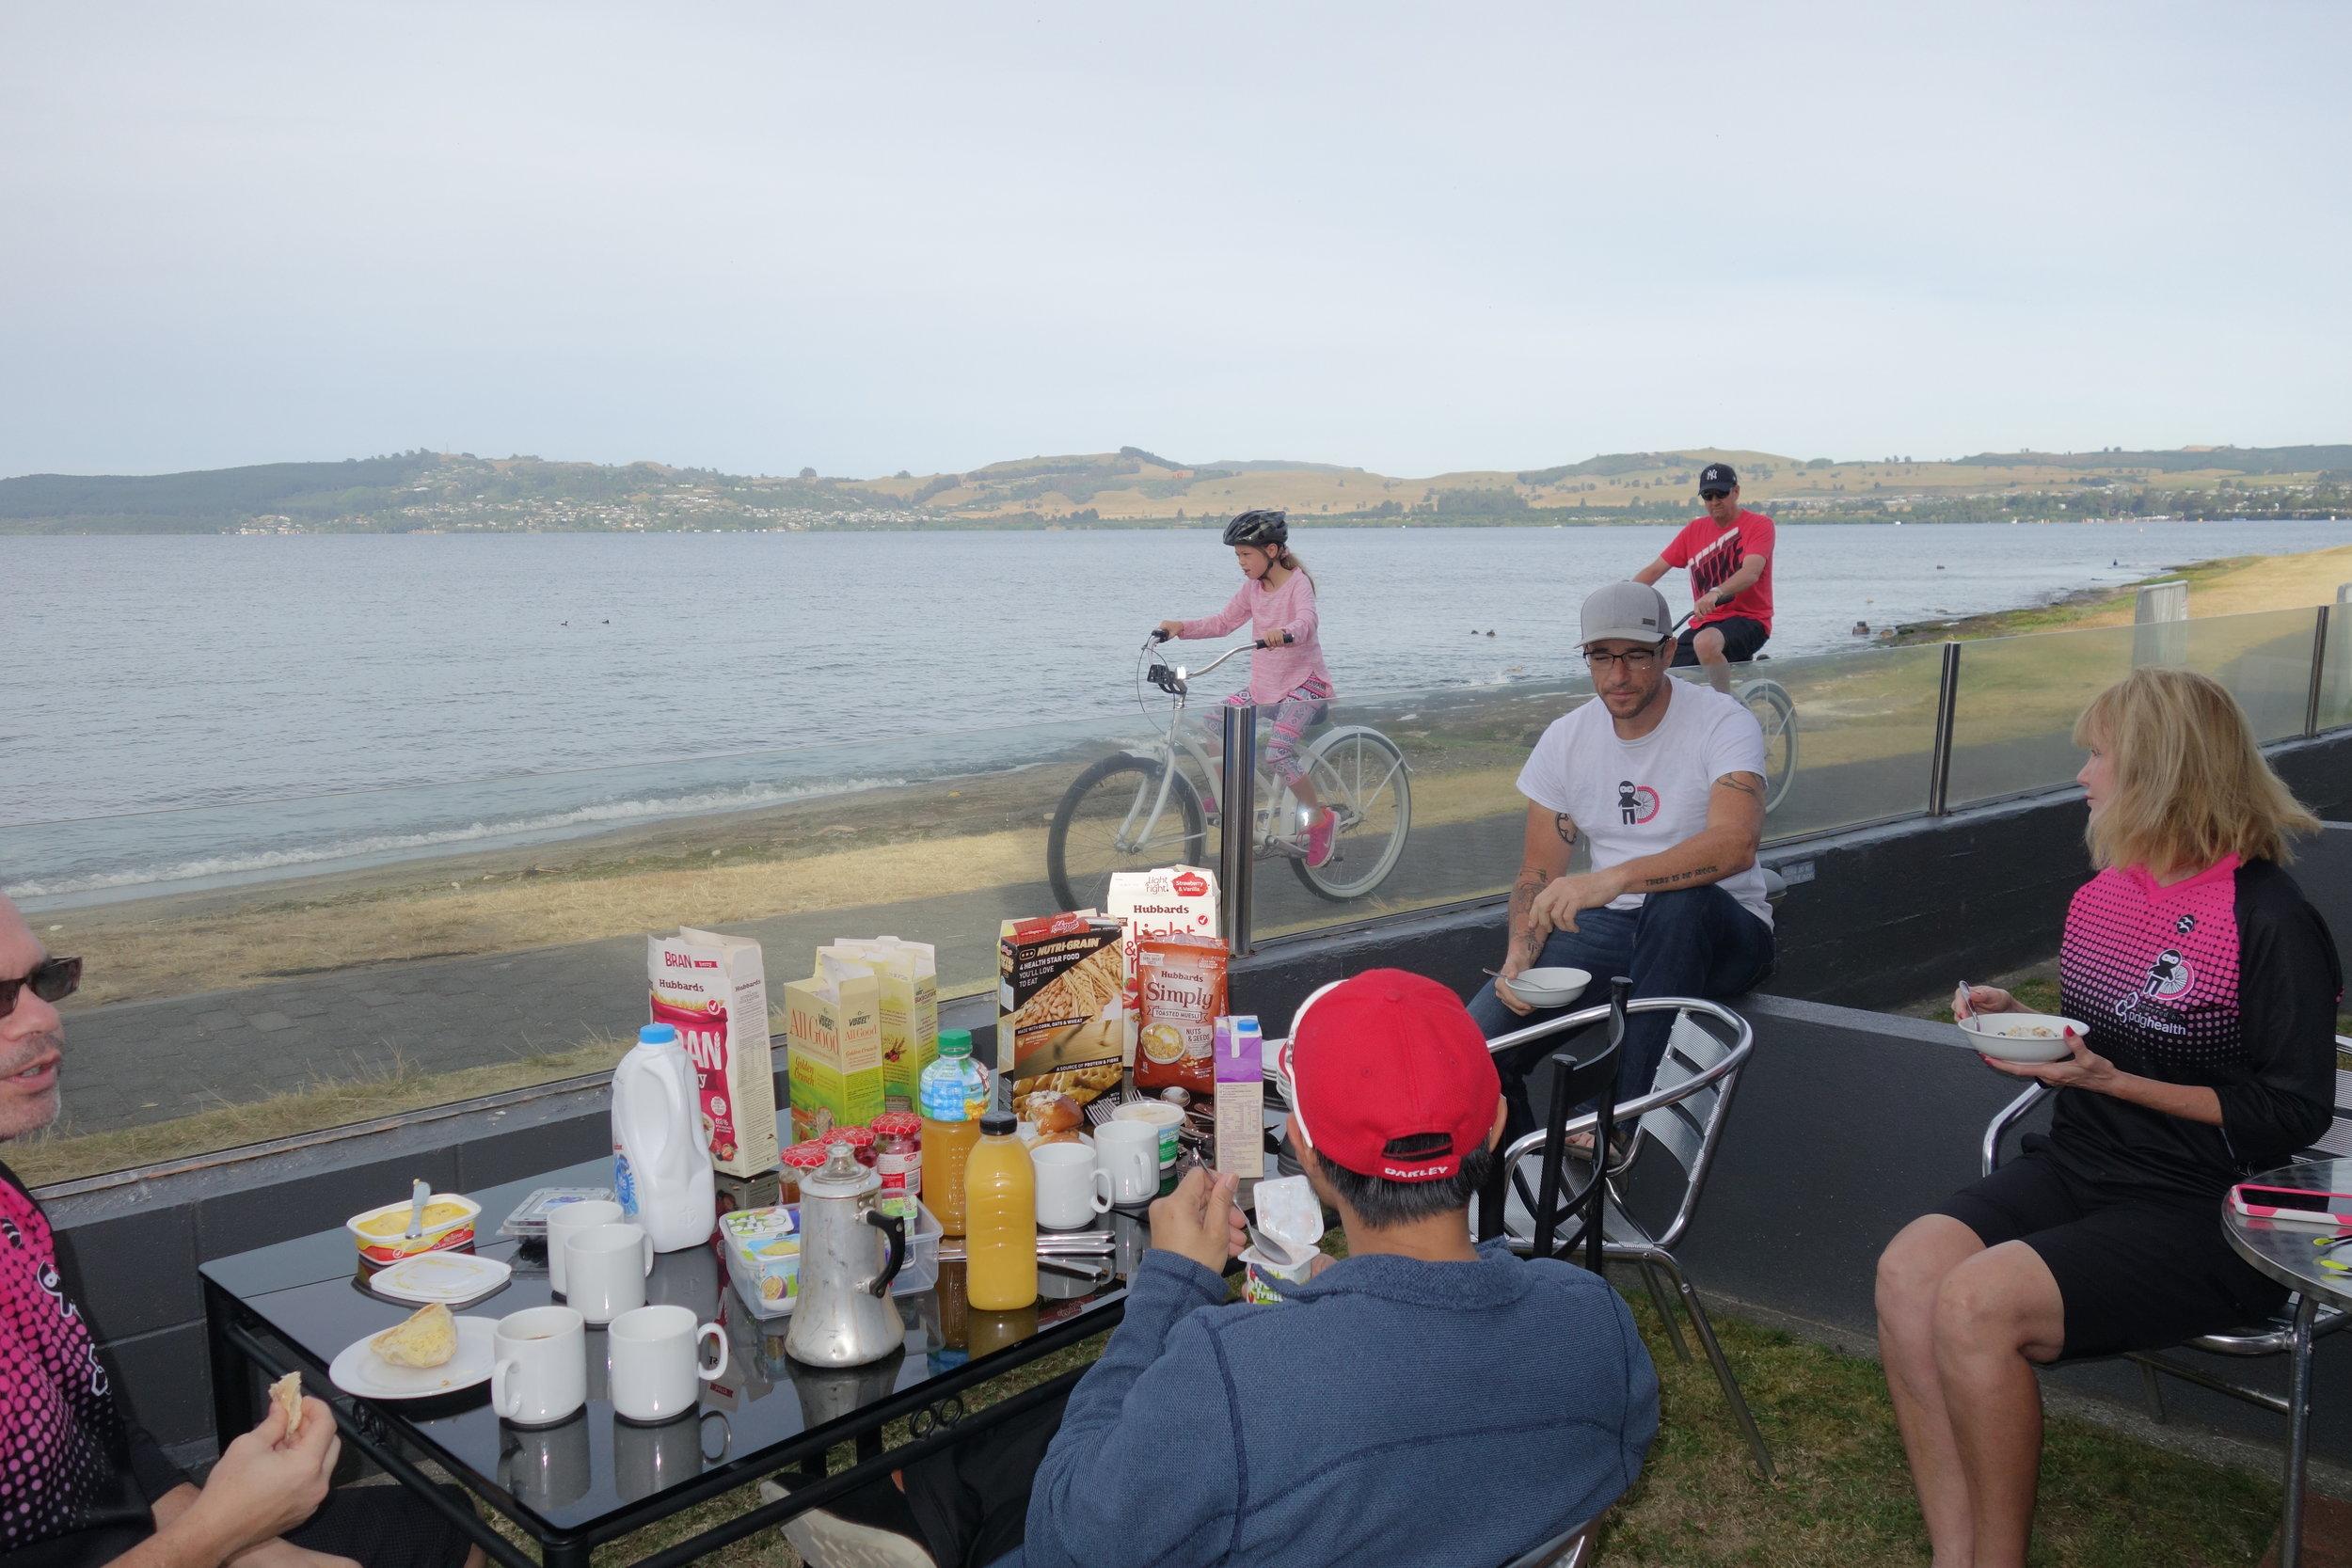 Breakfast on the beach followed by a spot of helibiking anyone?